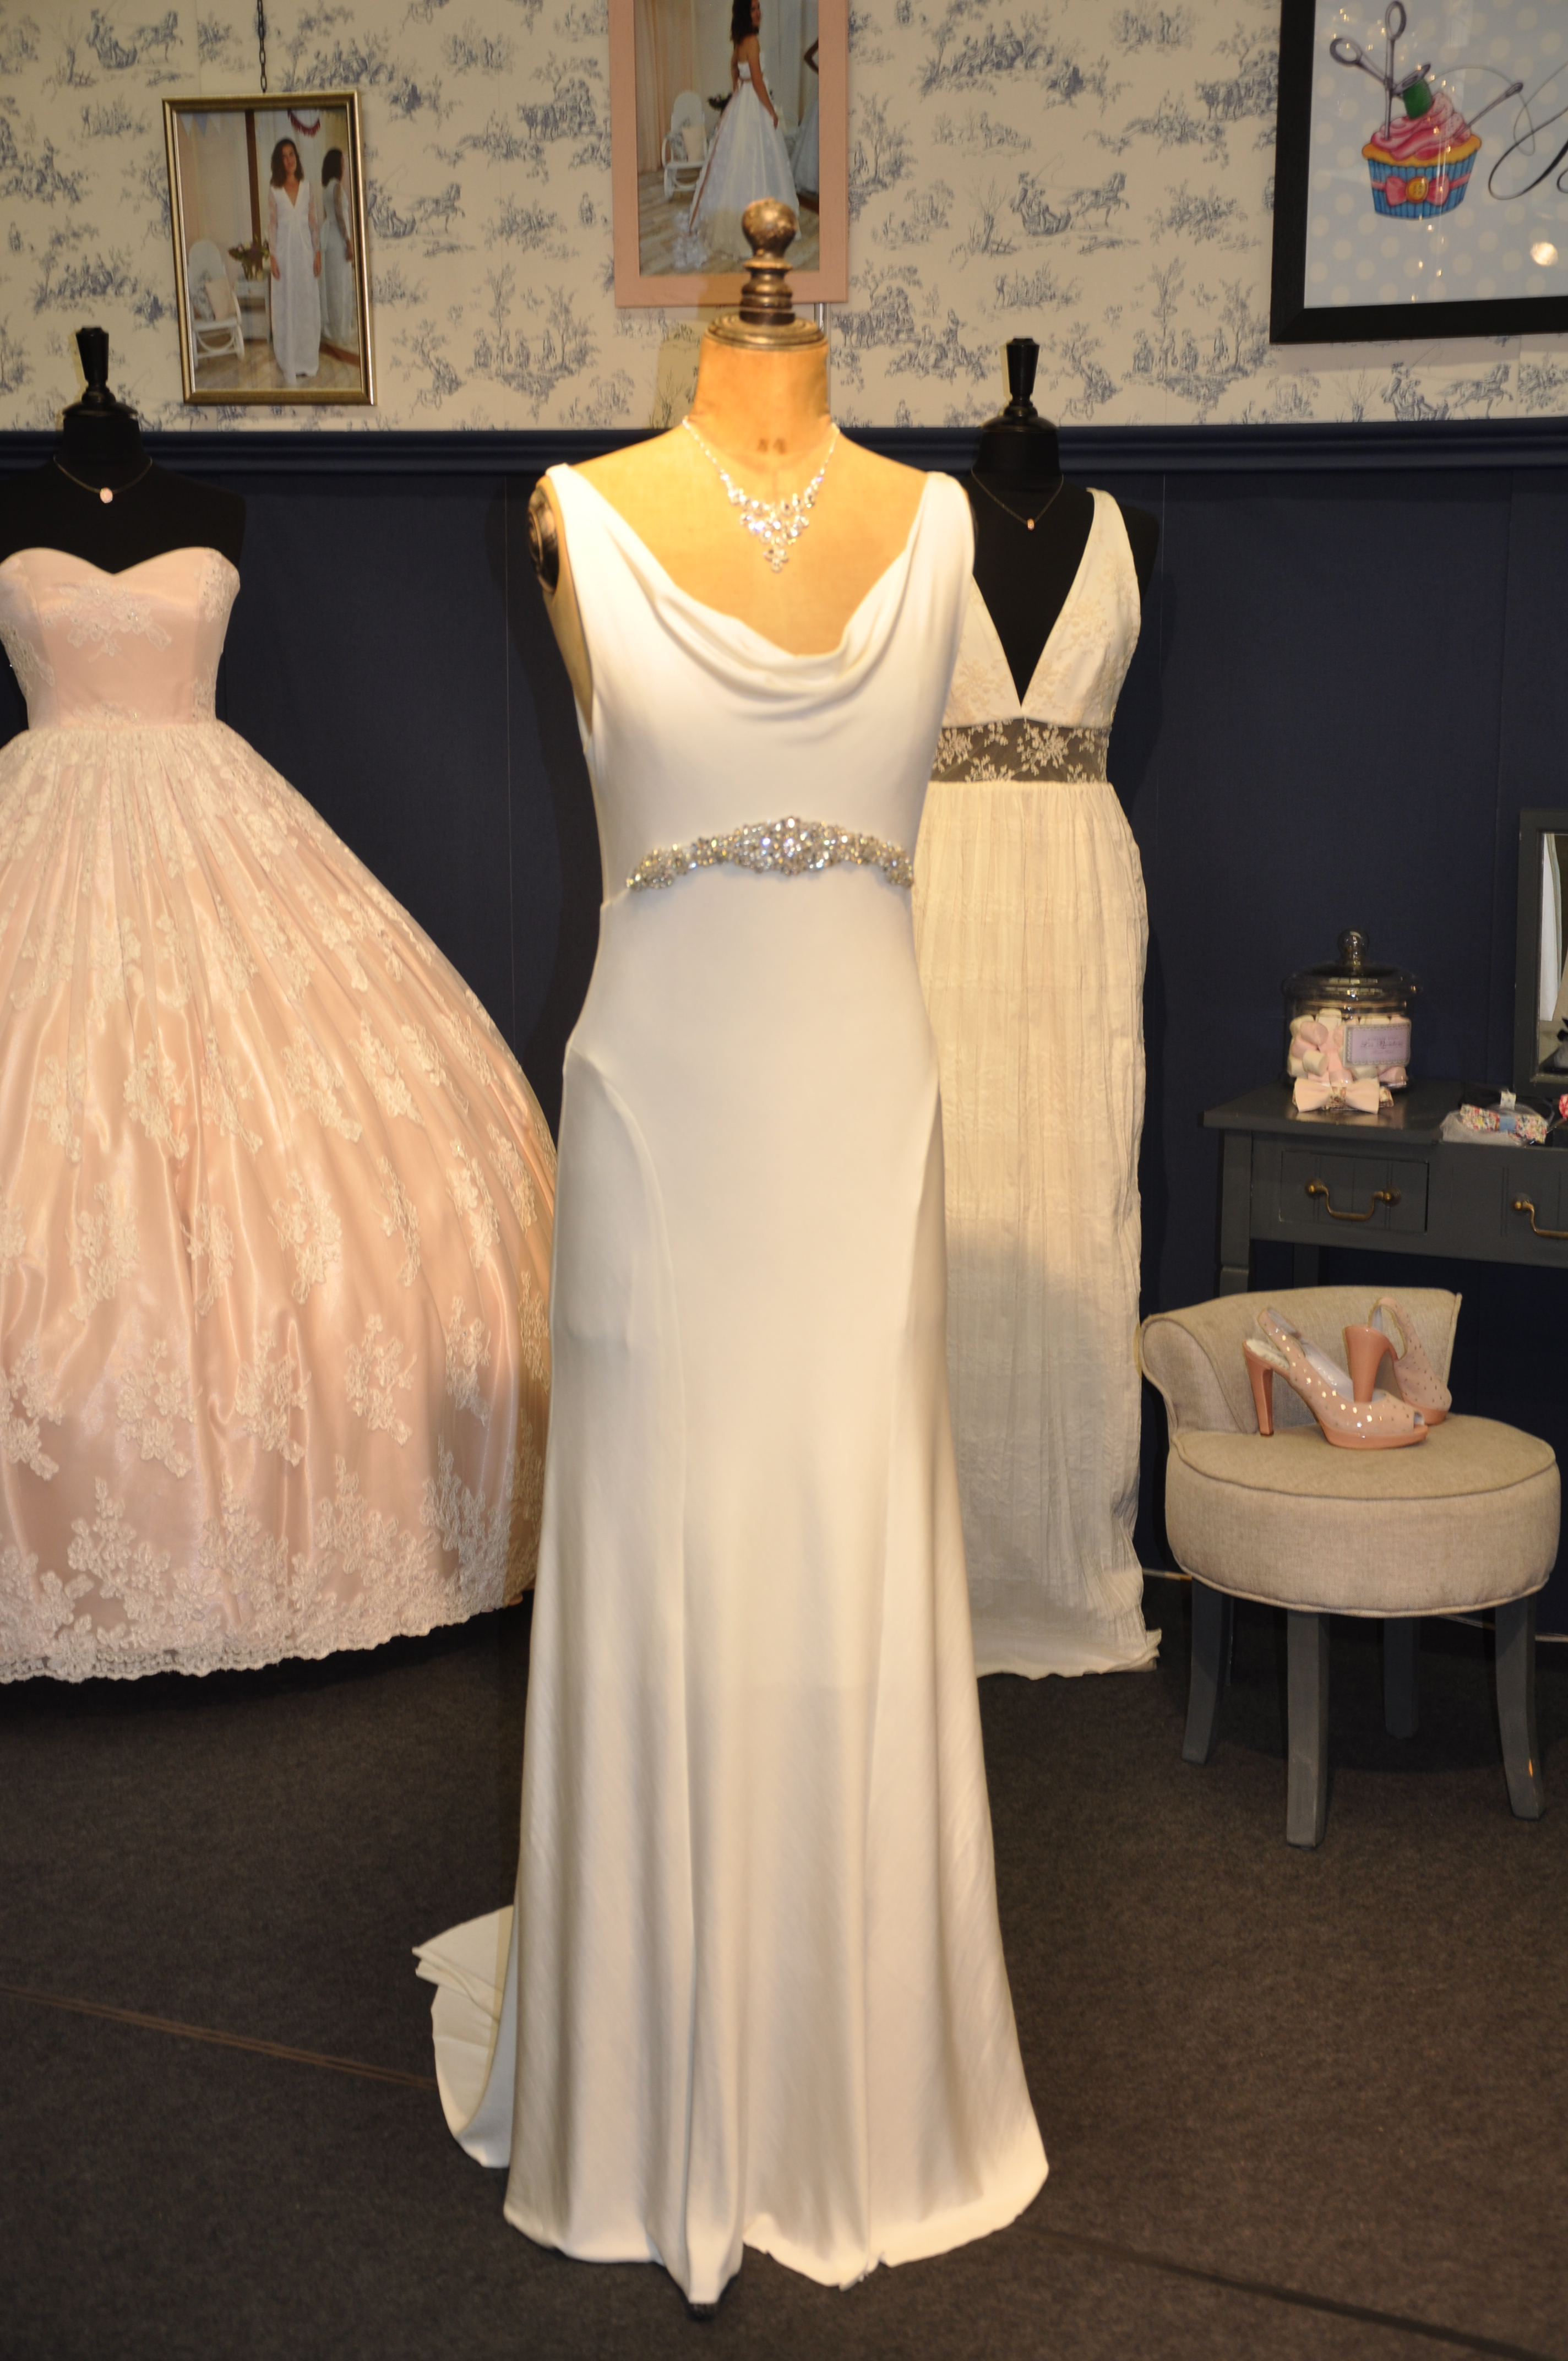 Robe de mariée à domicile - JASMINE - robe de mariée décolleté bénitier - Cholet - Boutique de mariage 49, robe de mariée pas cher, créatrice 49, robe de mariée princesse